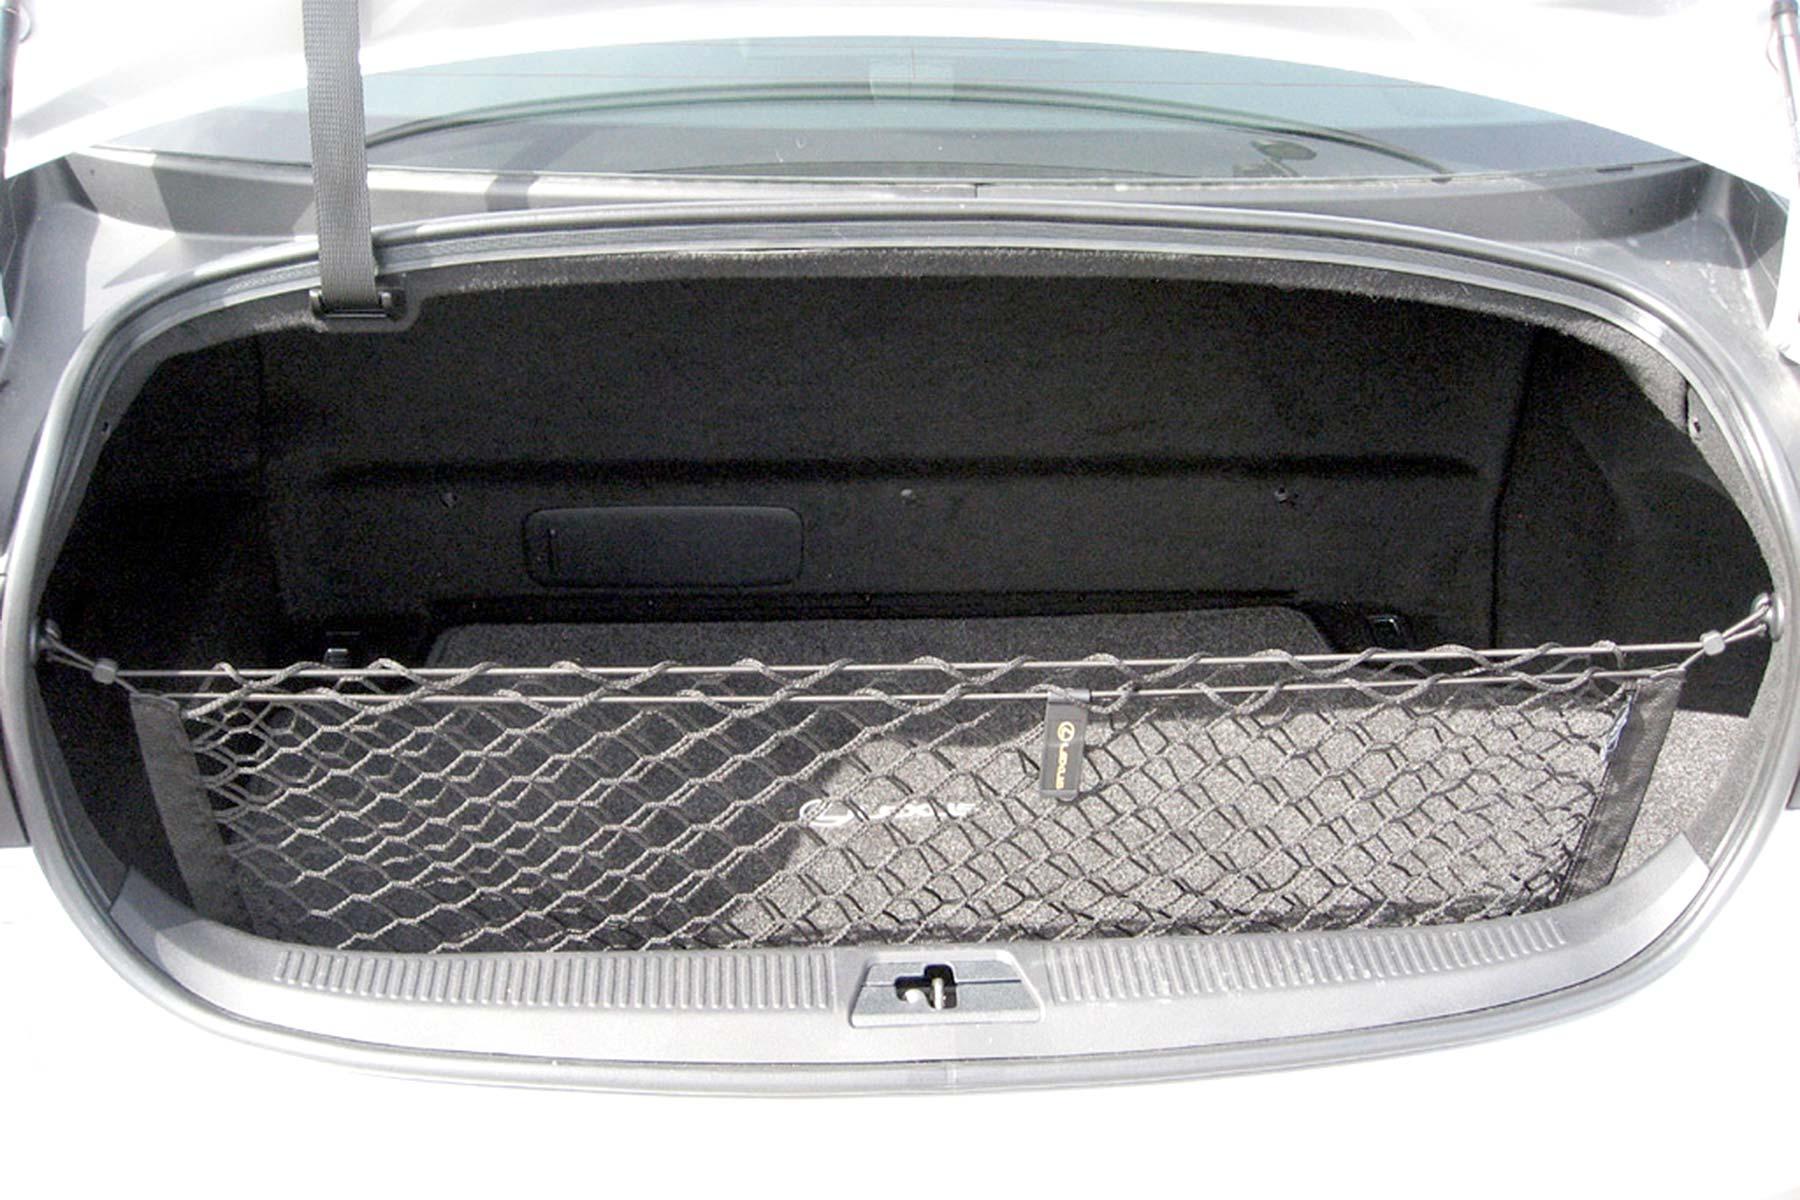 Lexus GS 450h trunk